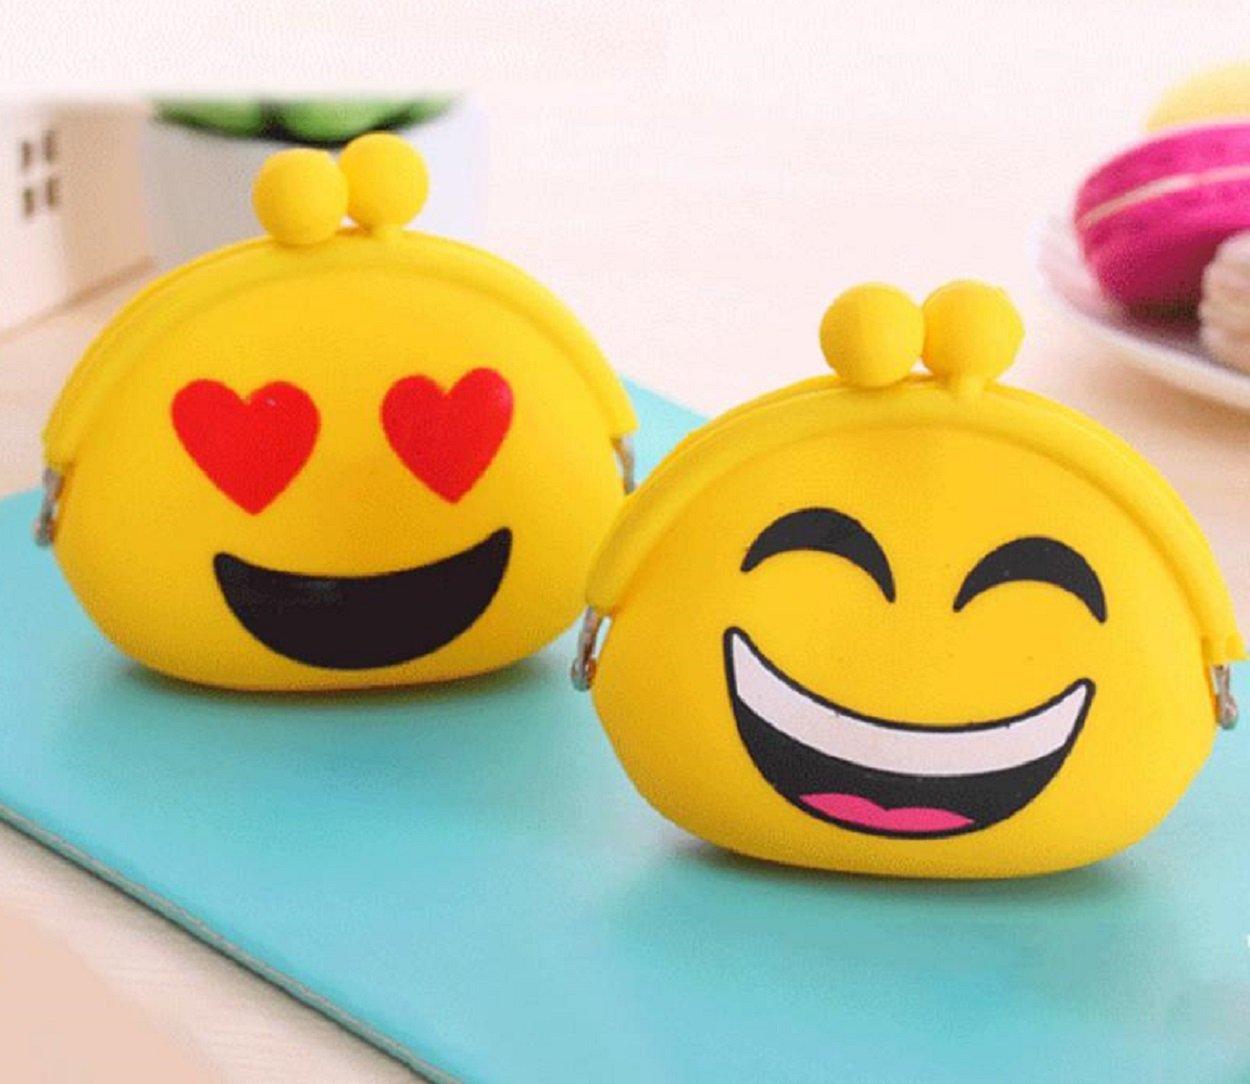 Leuchtbox Leuchtbox Silikon Geldbörse Emojis - Cartera Niños, Gelb (Liebe) (amarillo) - LB00265: Amazon.es: Equipaje